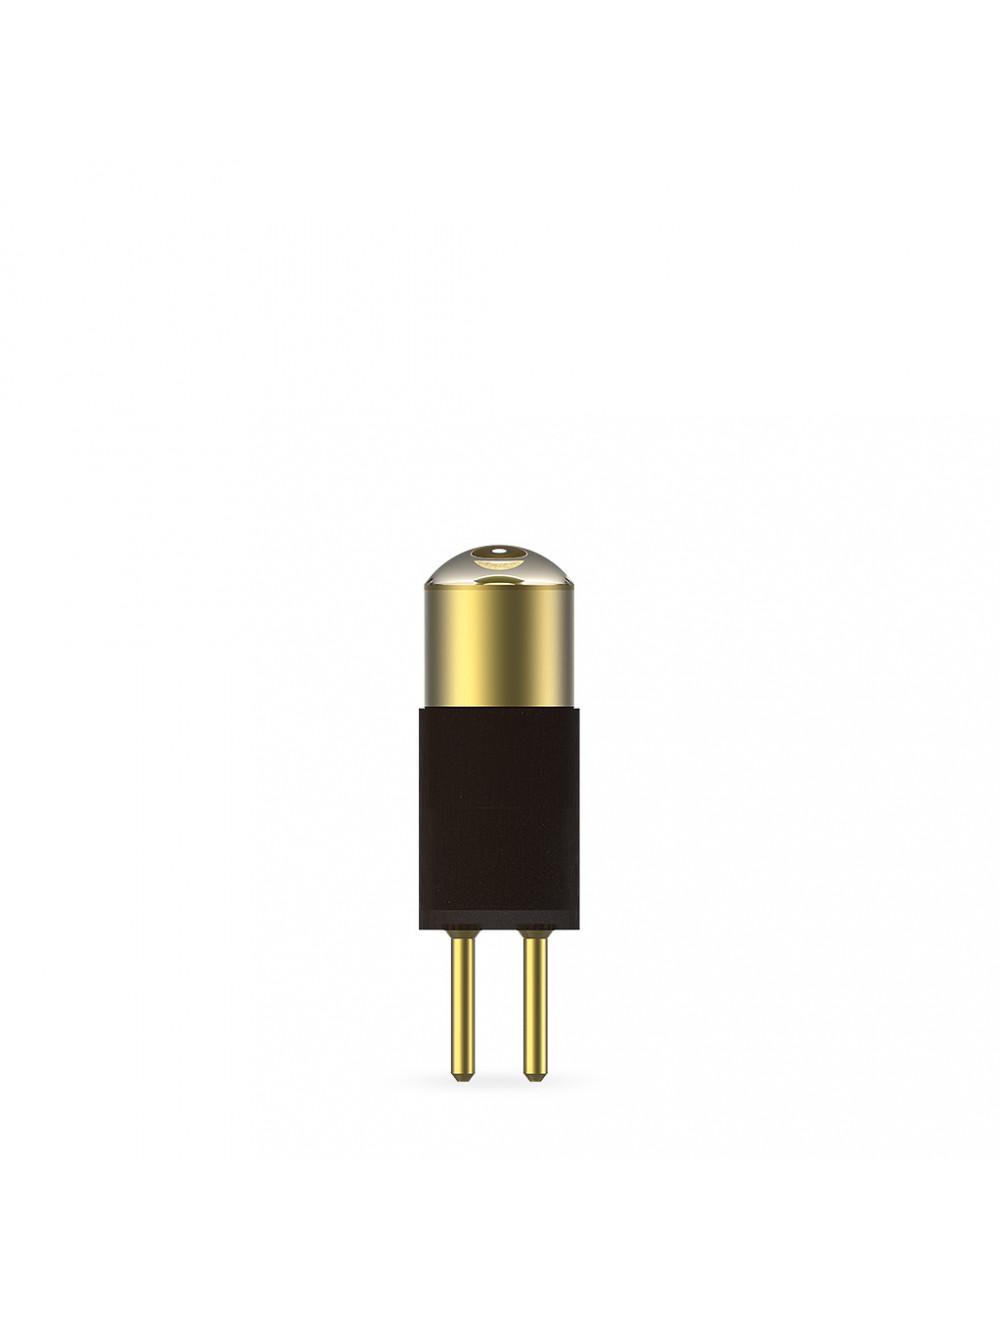 Das Produkt MK-dent LED Lampe BU8012BA aus dem Global-dent online shop.